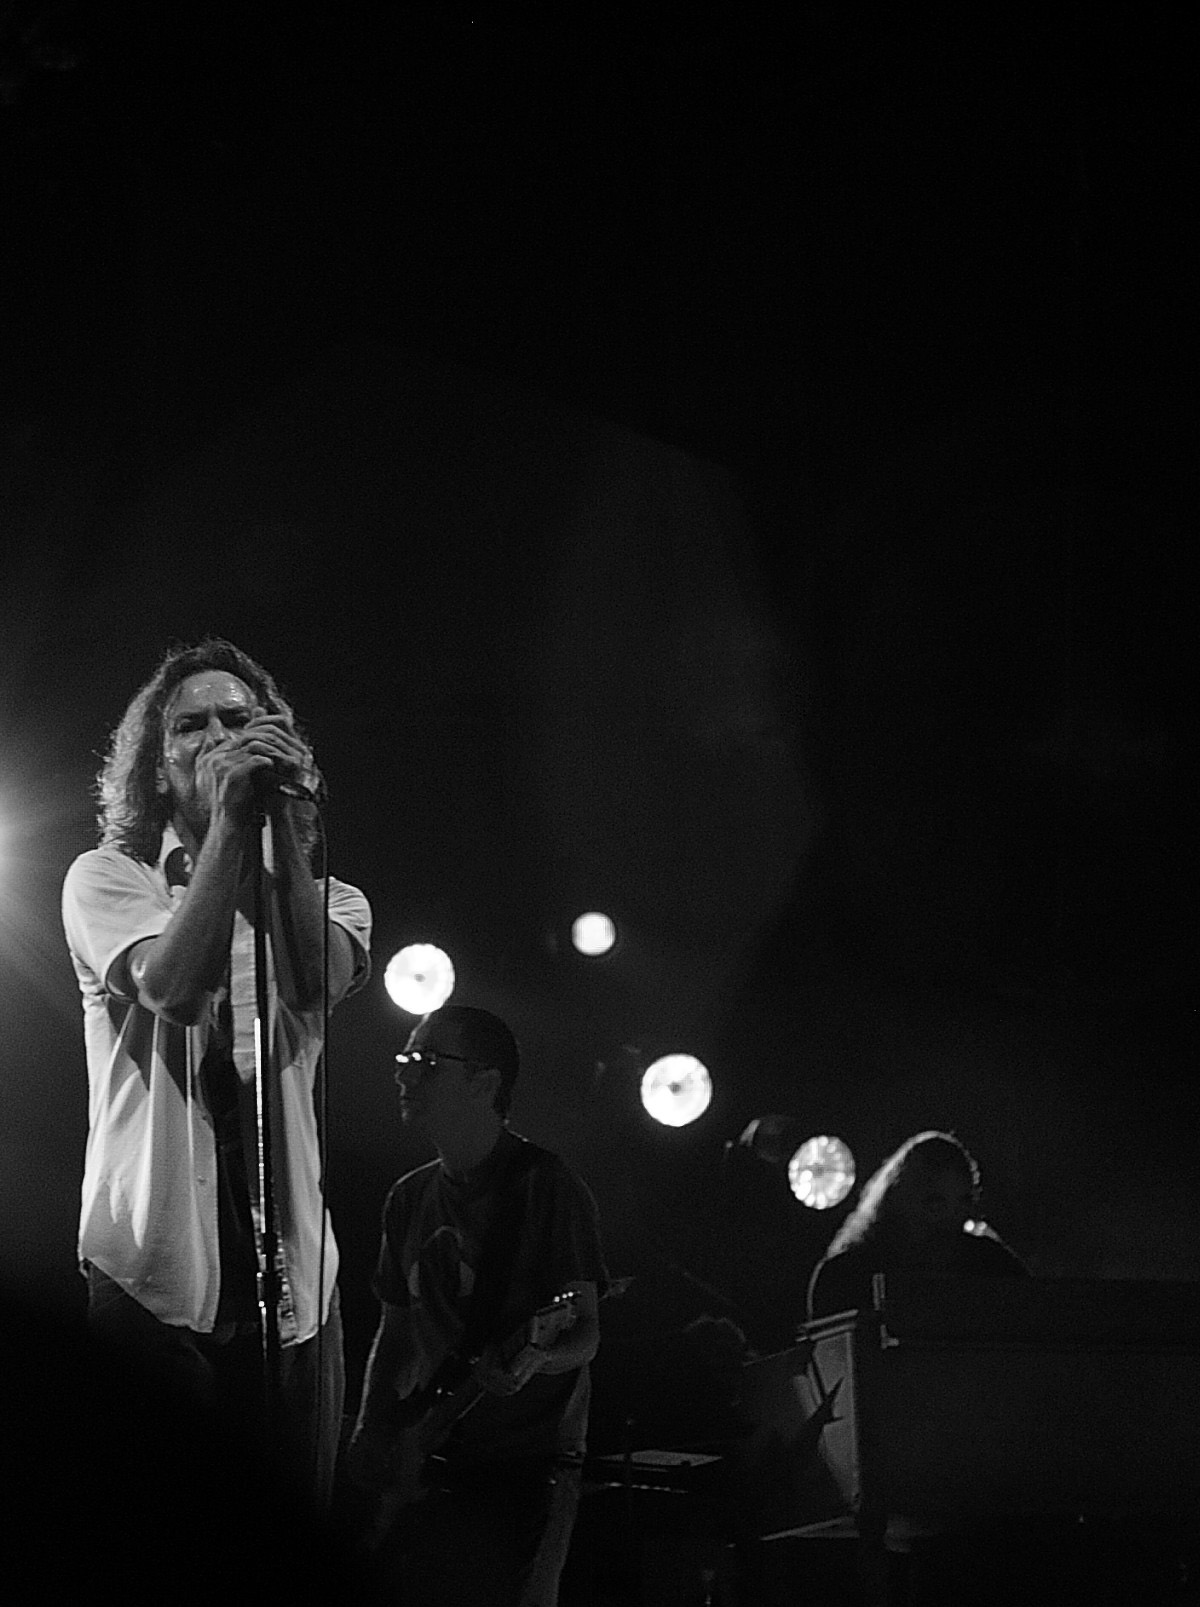 Análisis sobre la canción Black de Pearl Jam